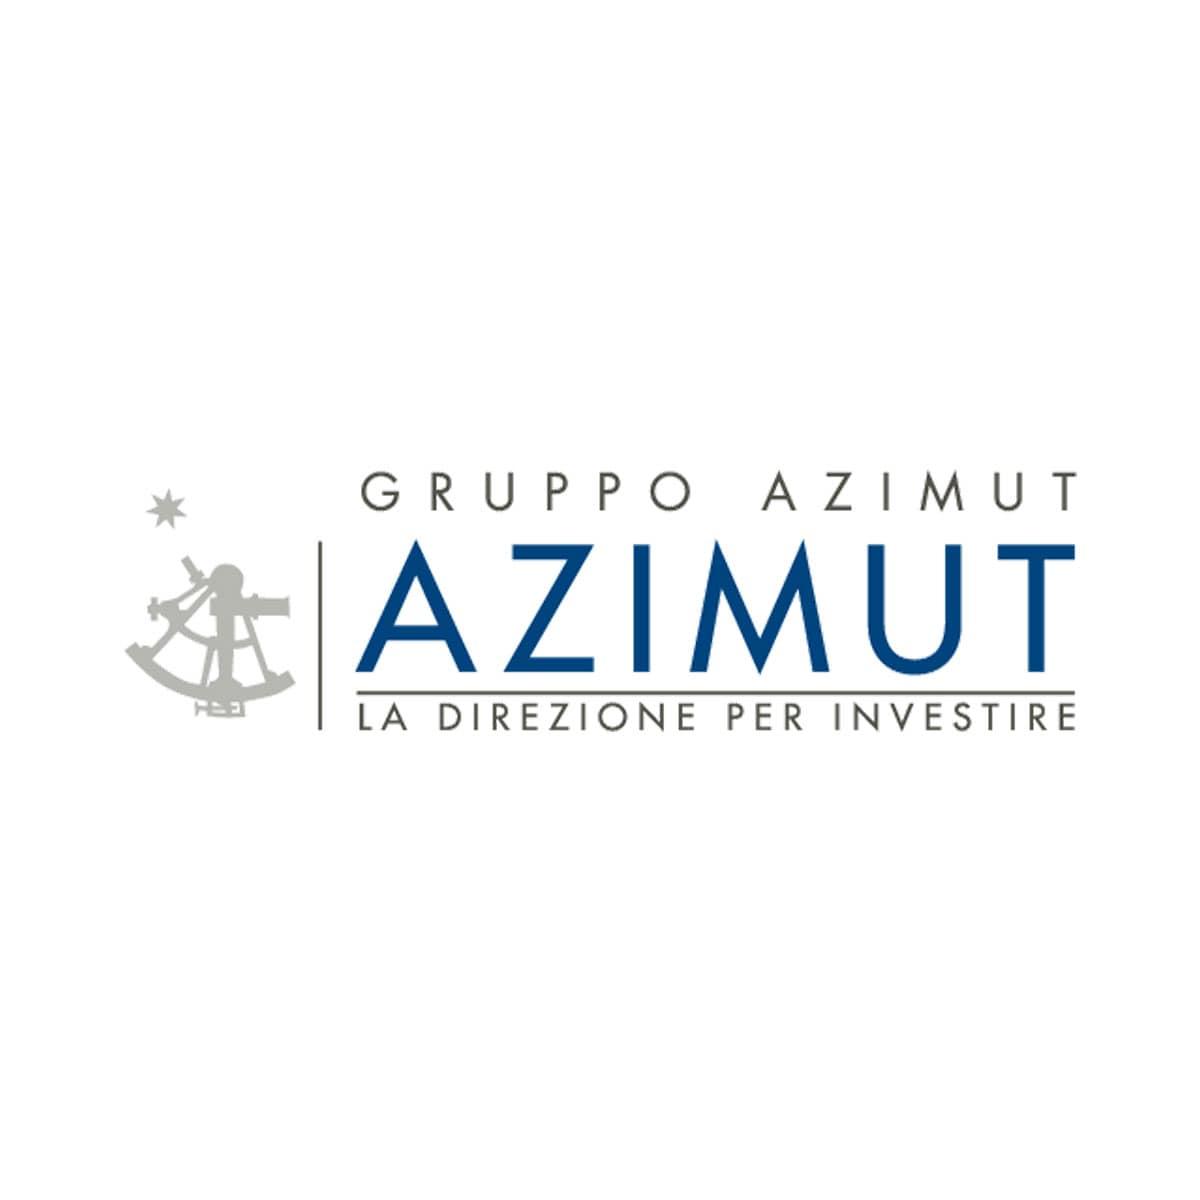 Azimut Holding lancia sul mercato italiano il primo Eltif